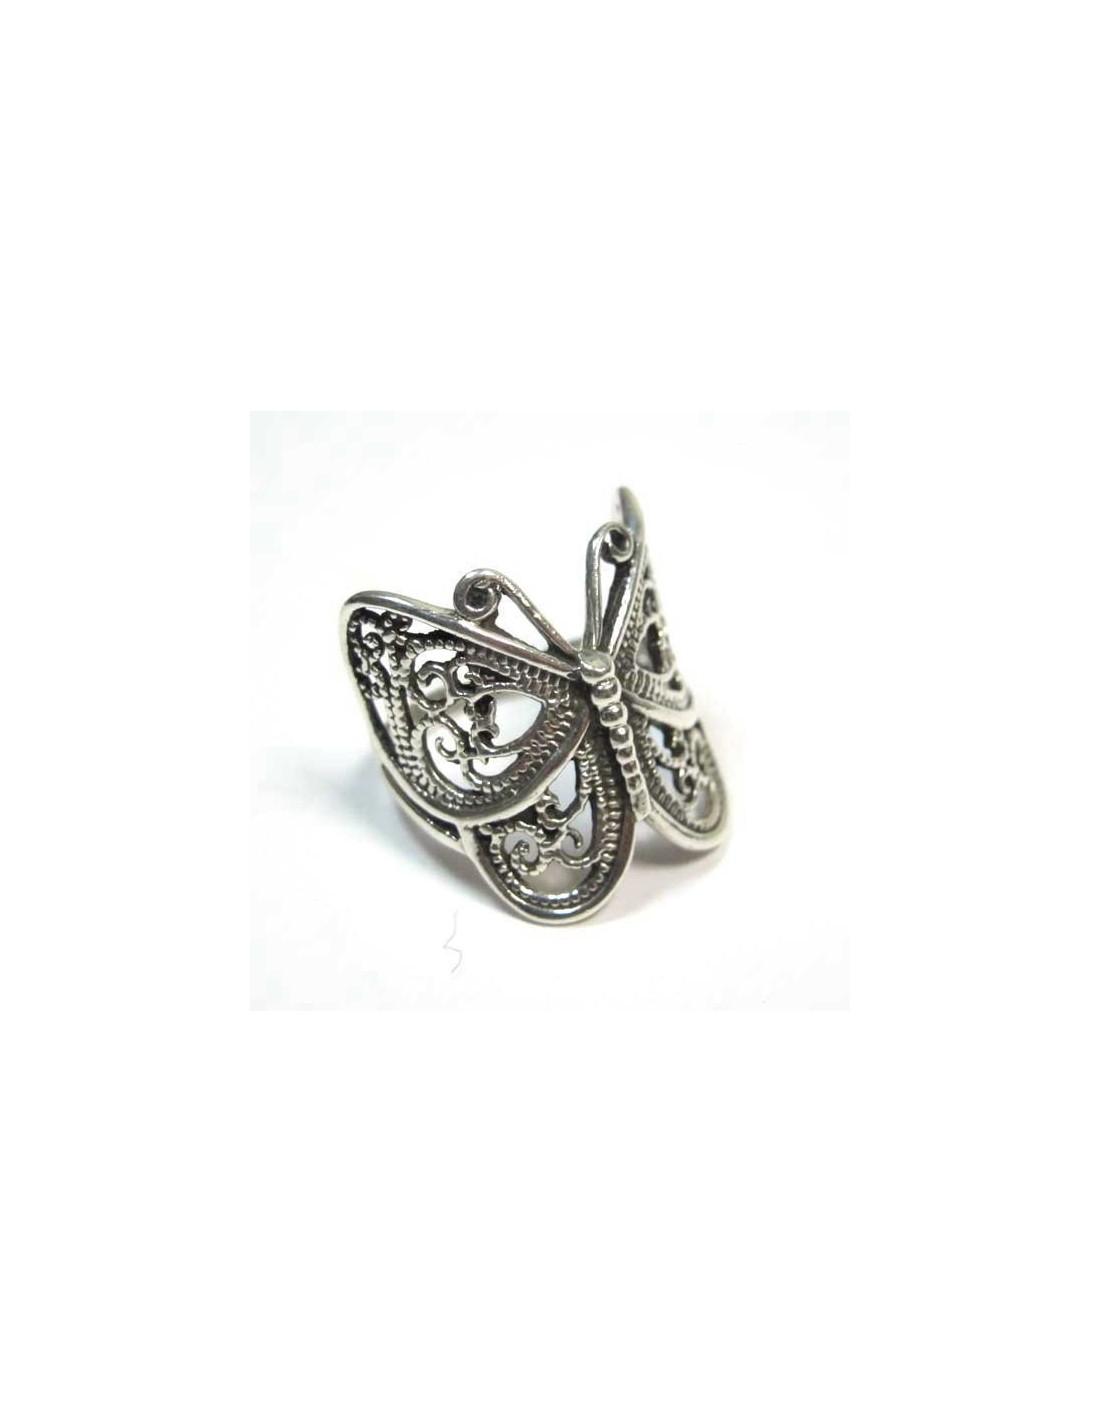 bague en argent papillon vente de bijoux forme de papillon ba64. Black Bedroom Furniture Sets. Home Design Ideas